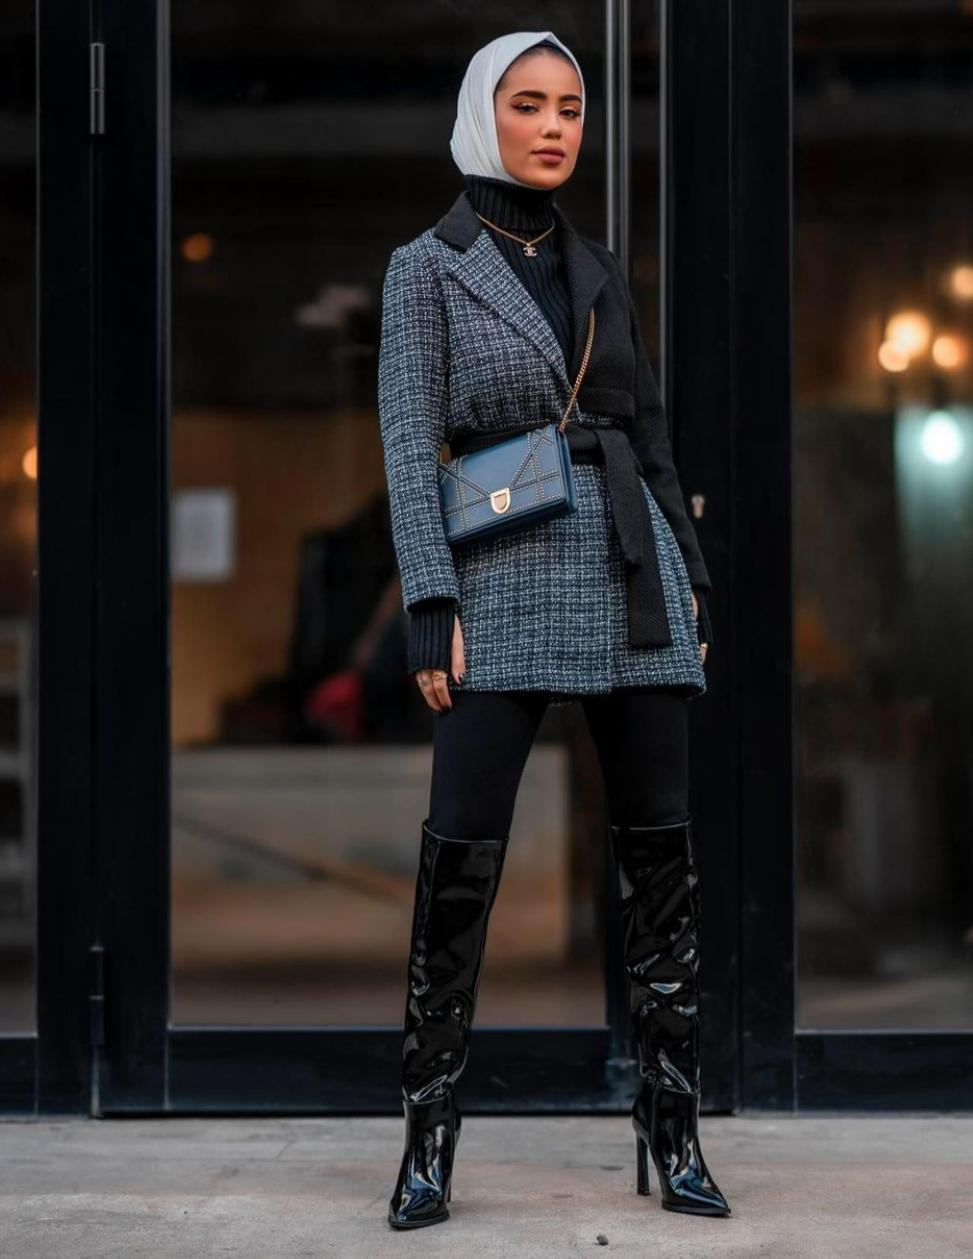 سارة الدهيم بأزياء سوداء في الشتاء